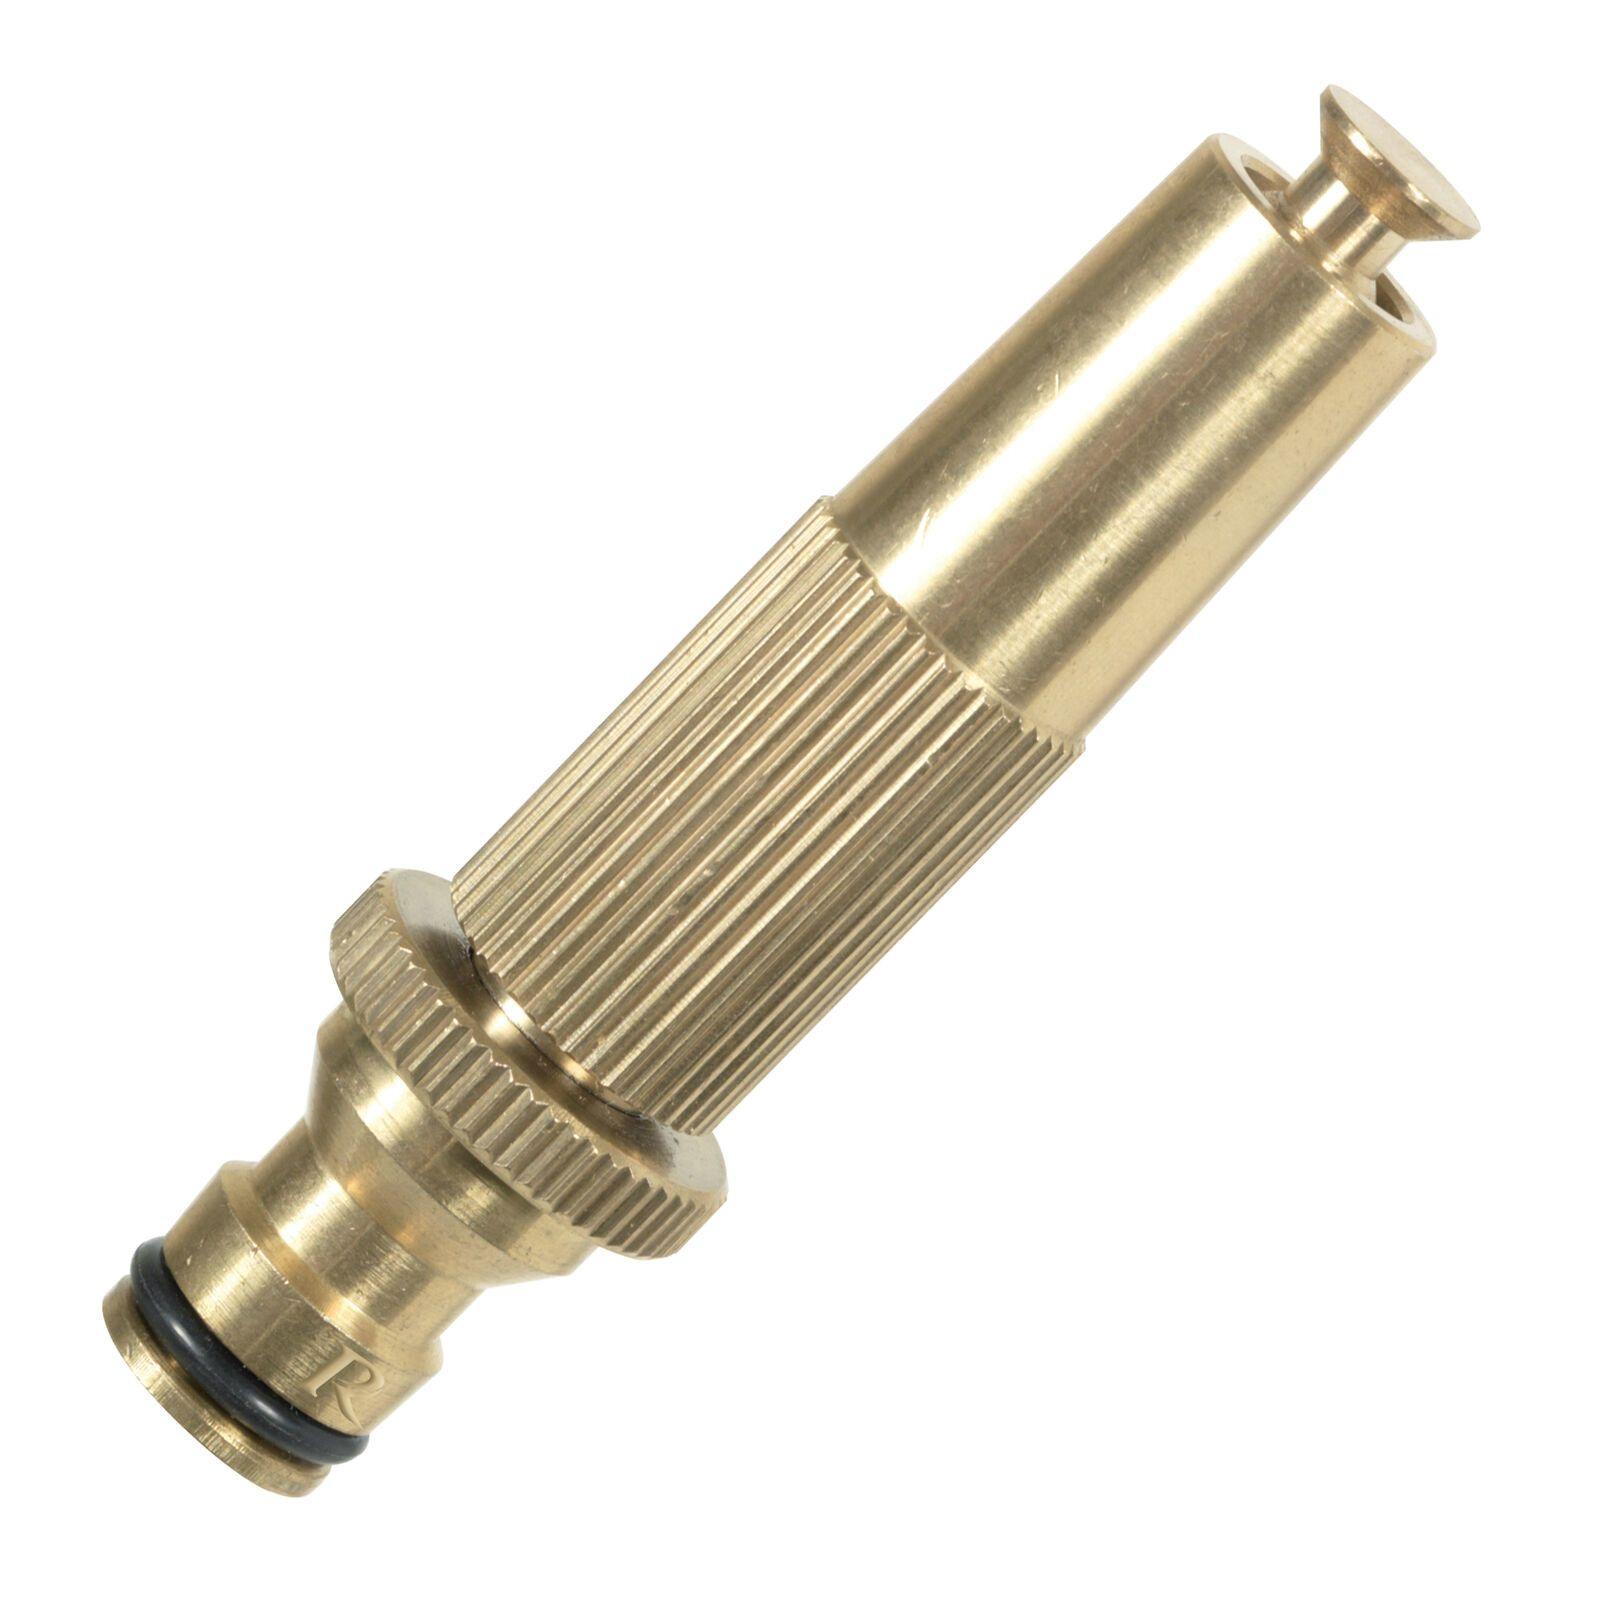 Lancia irrigazione in ottone a getto regolabile con innesto rapido